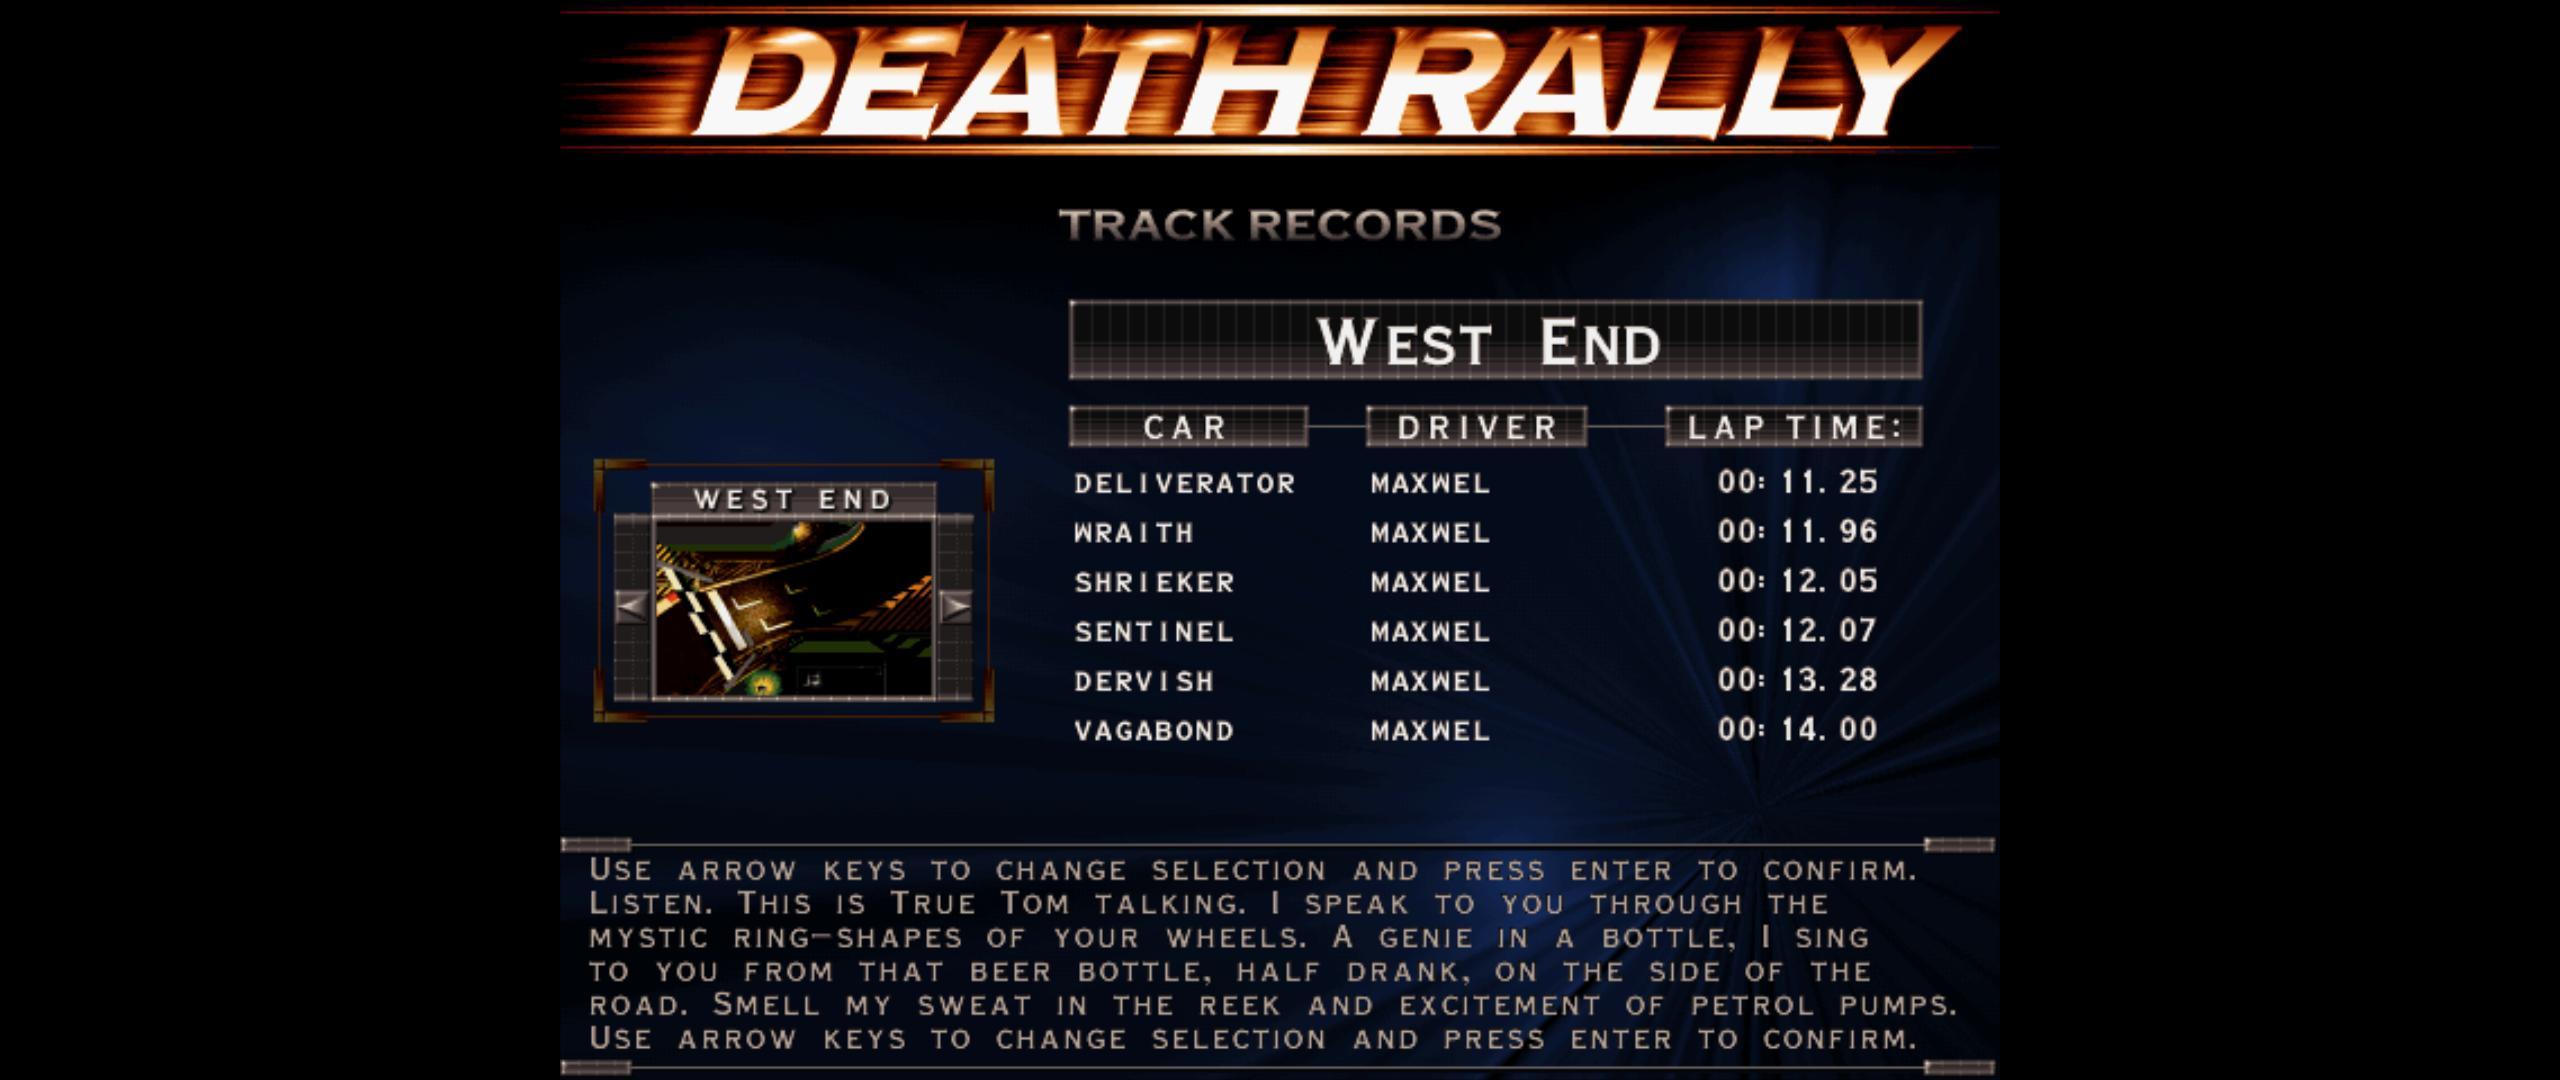 Maxwel: Death Rally [West End, Wraith Car] (PC) 0:00:11.96 points on 2016-03-04 05:39:37